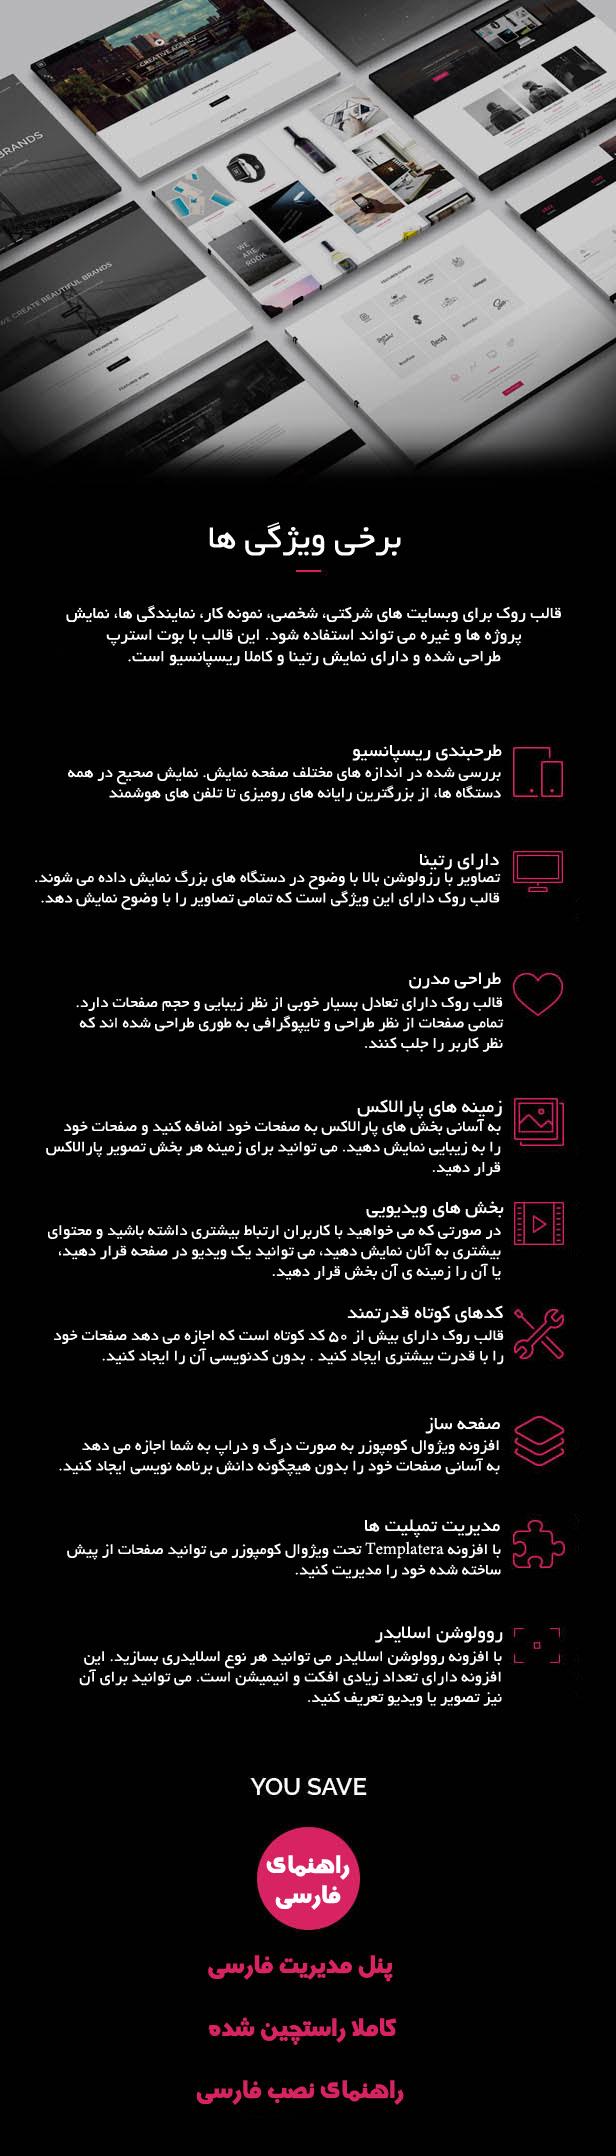 قالب وردپرس فارسی تک صفحه / چند صفحه ROOK